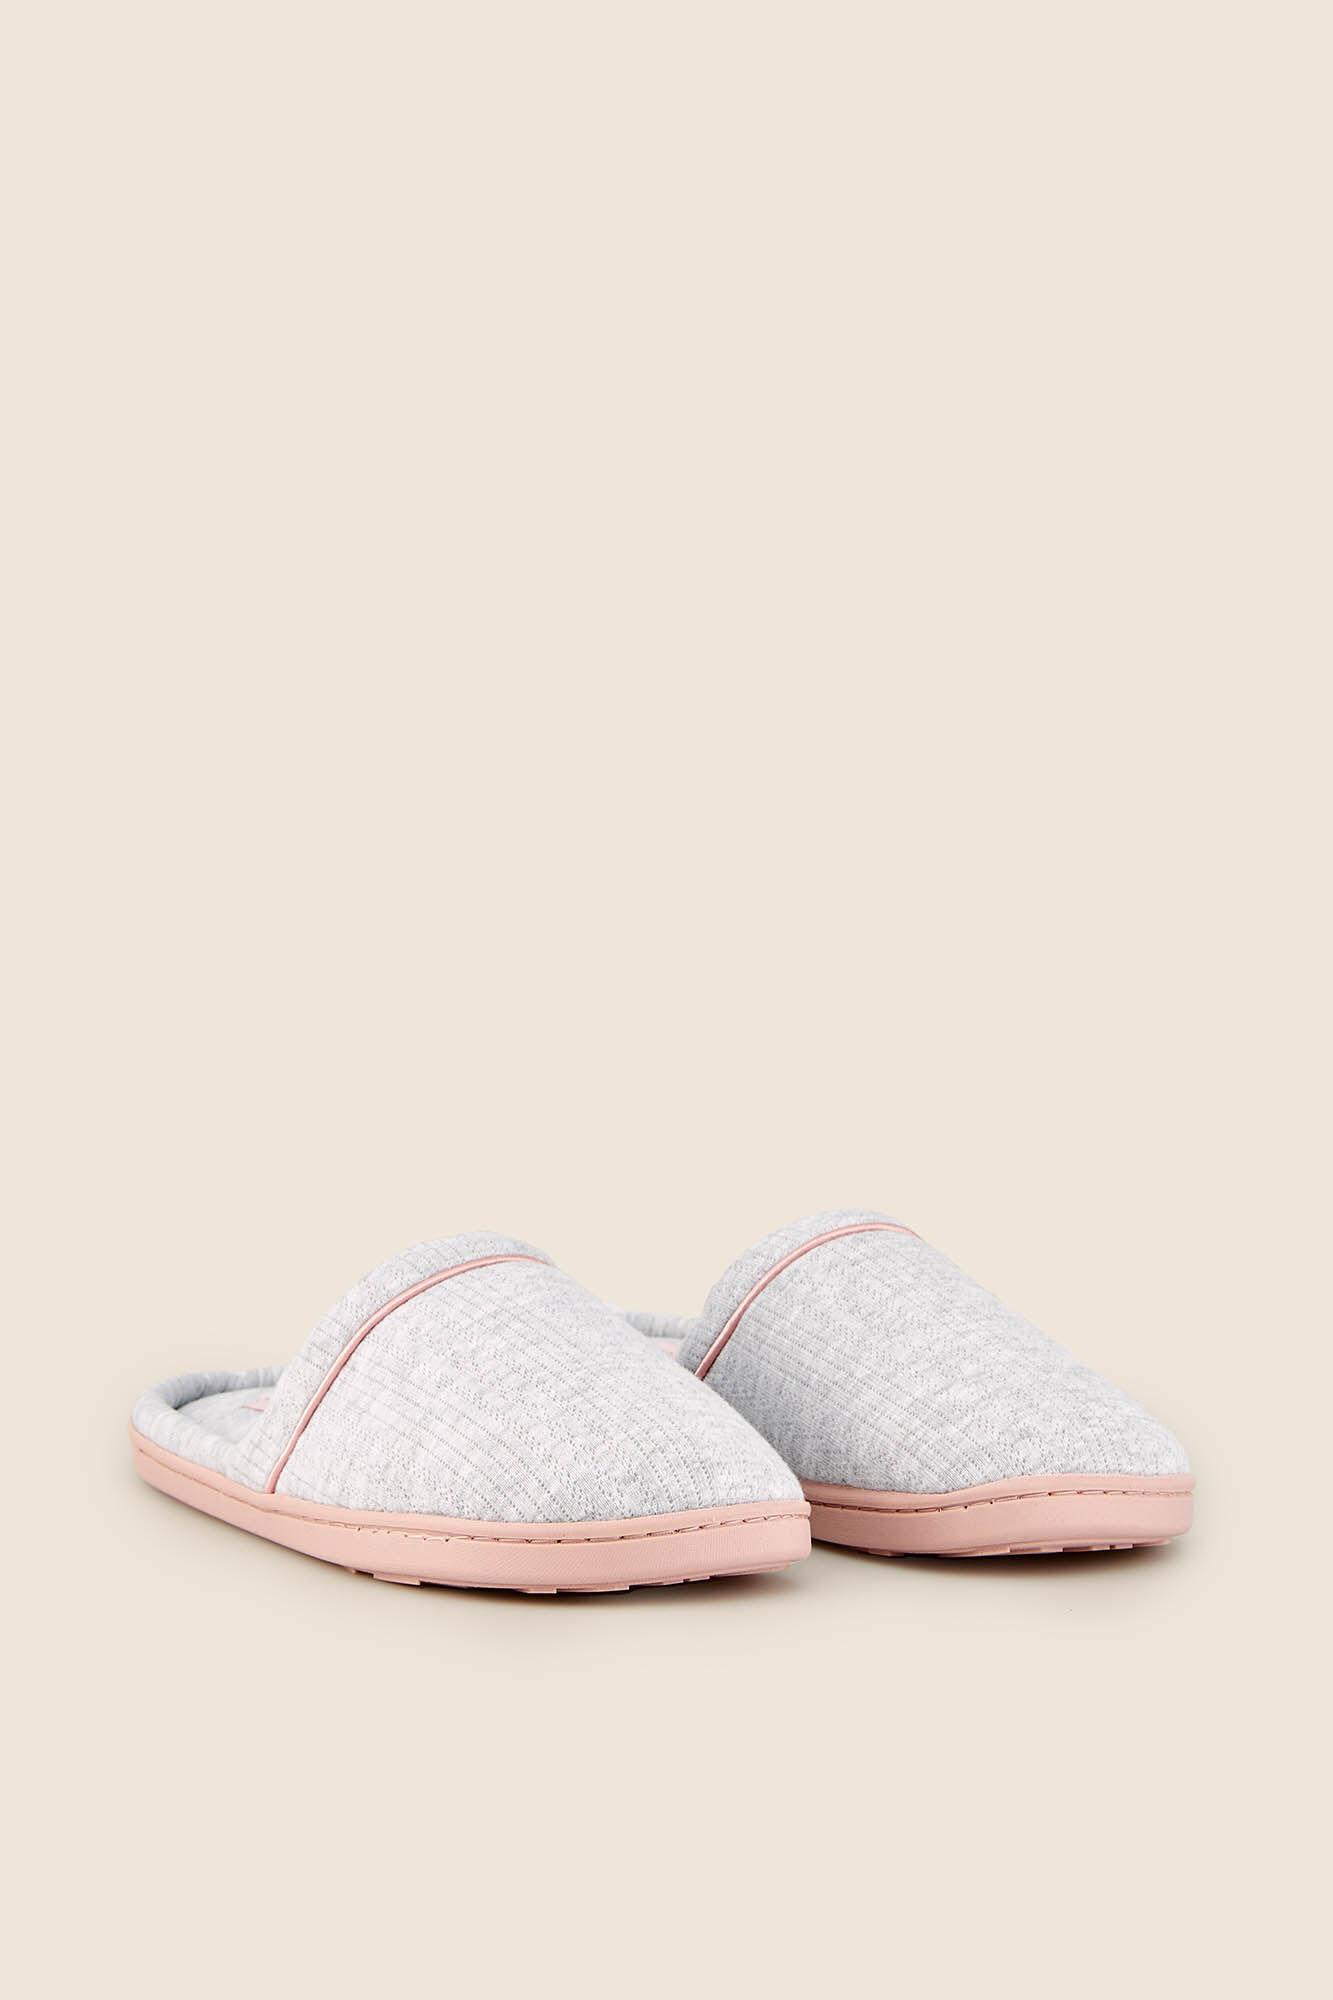 seleccione para el despacho mejor proveedor profesional de venta caliente Zapatillas casa lisas   Zapatillas   Women'secret